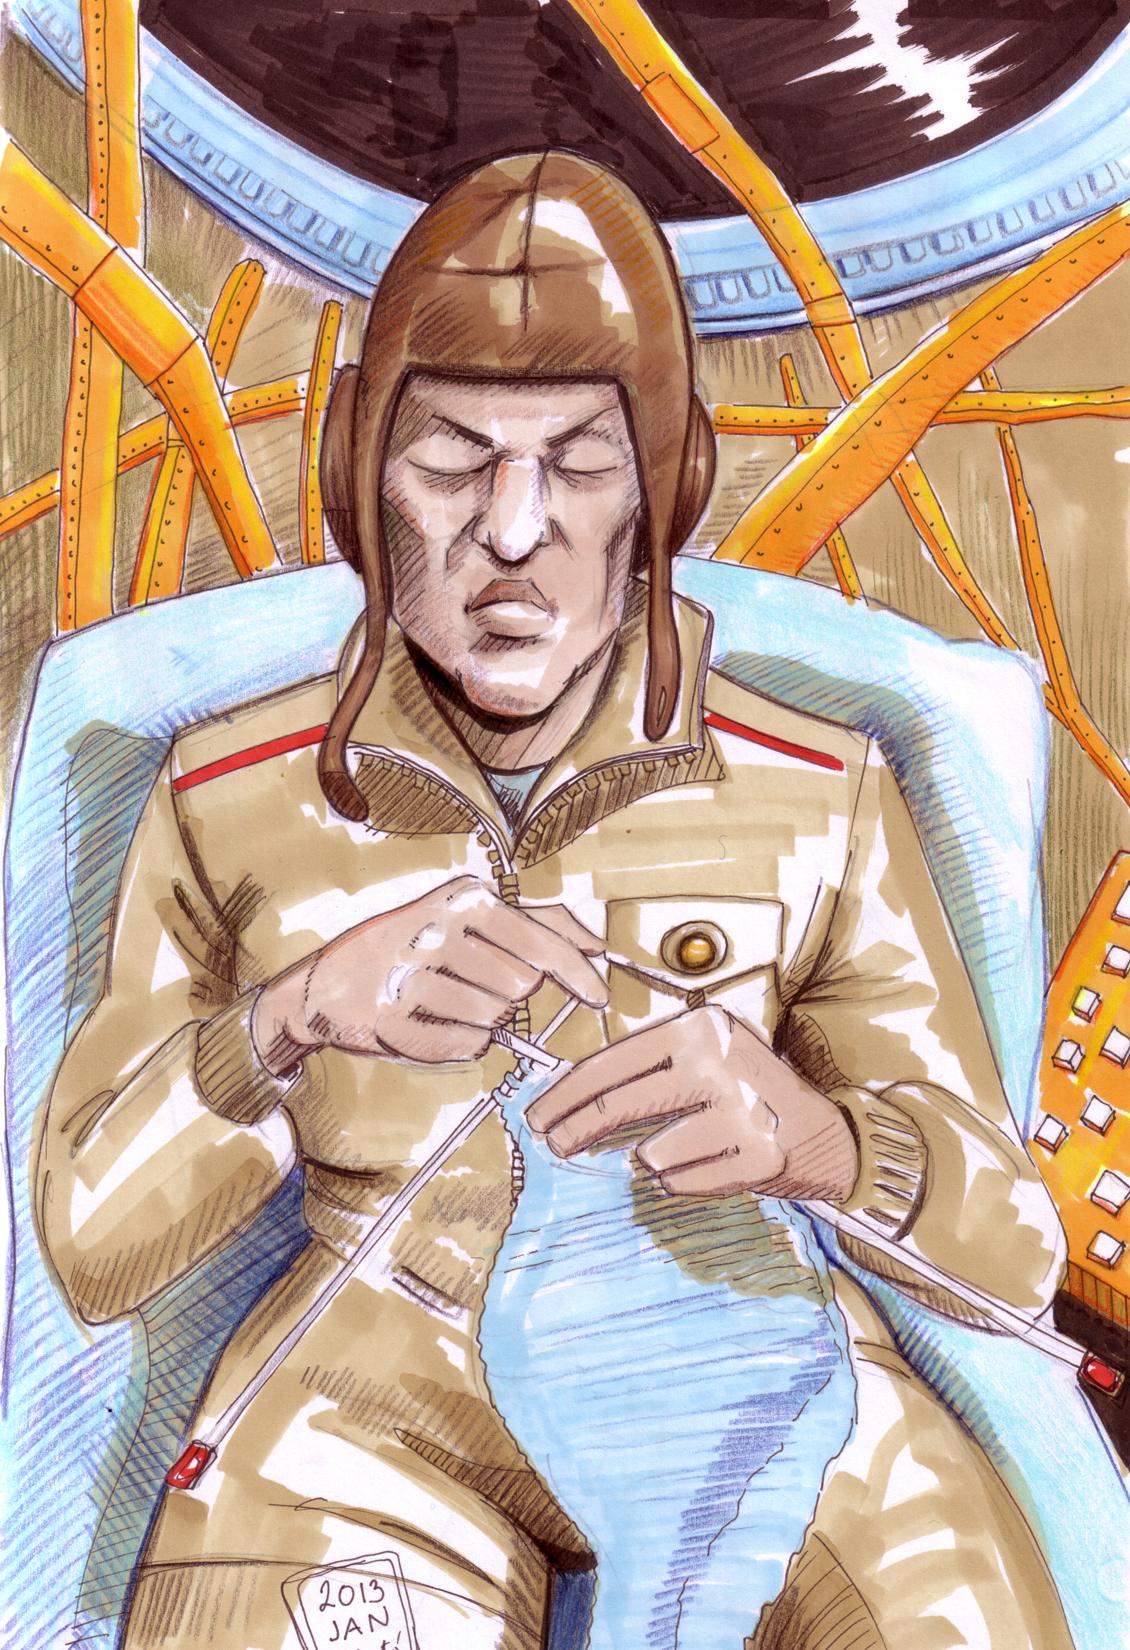 Spaceknitter